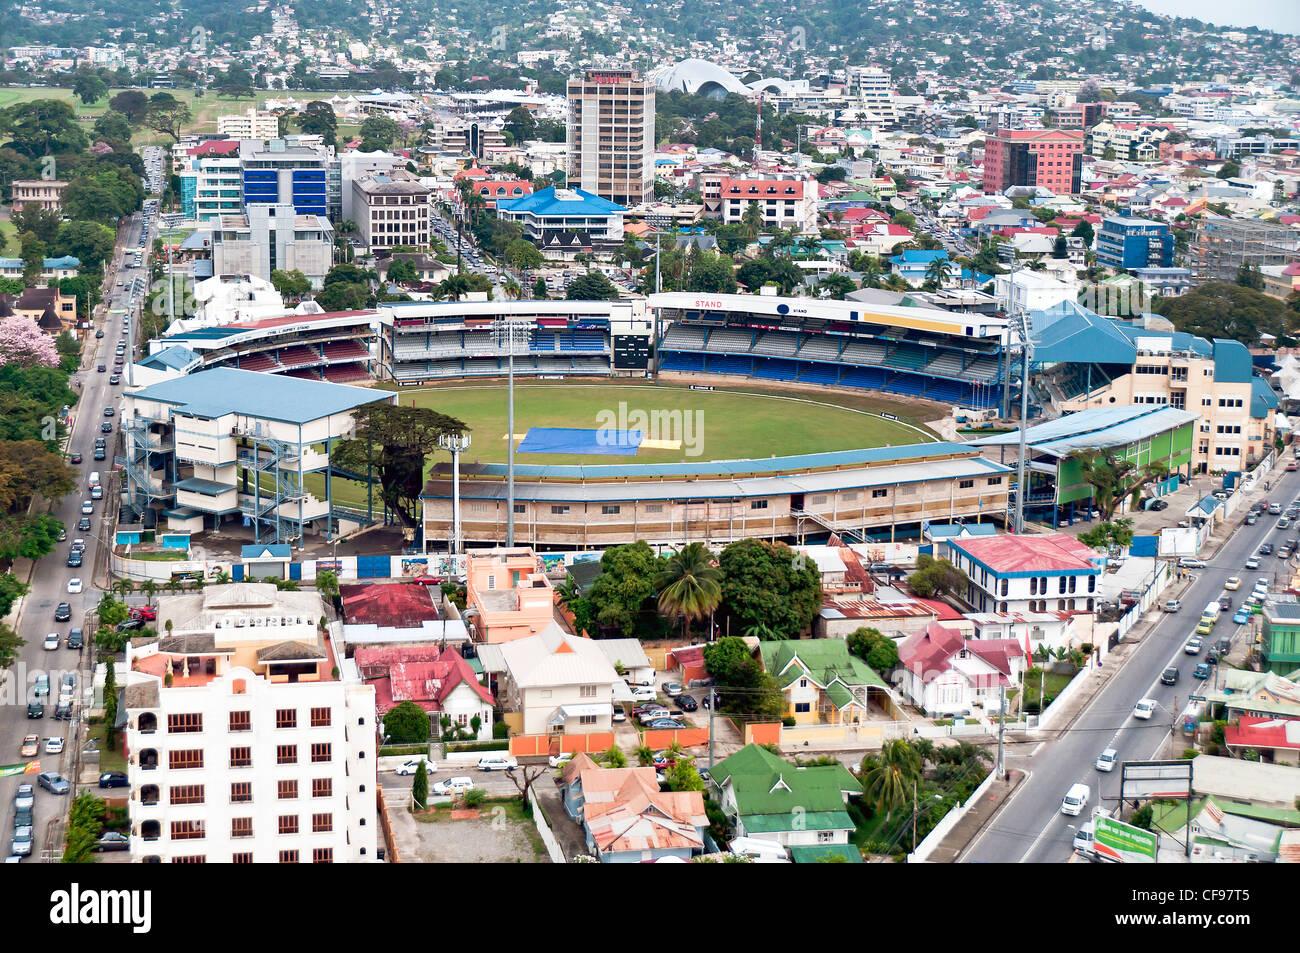 West Indies Islands Cricket